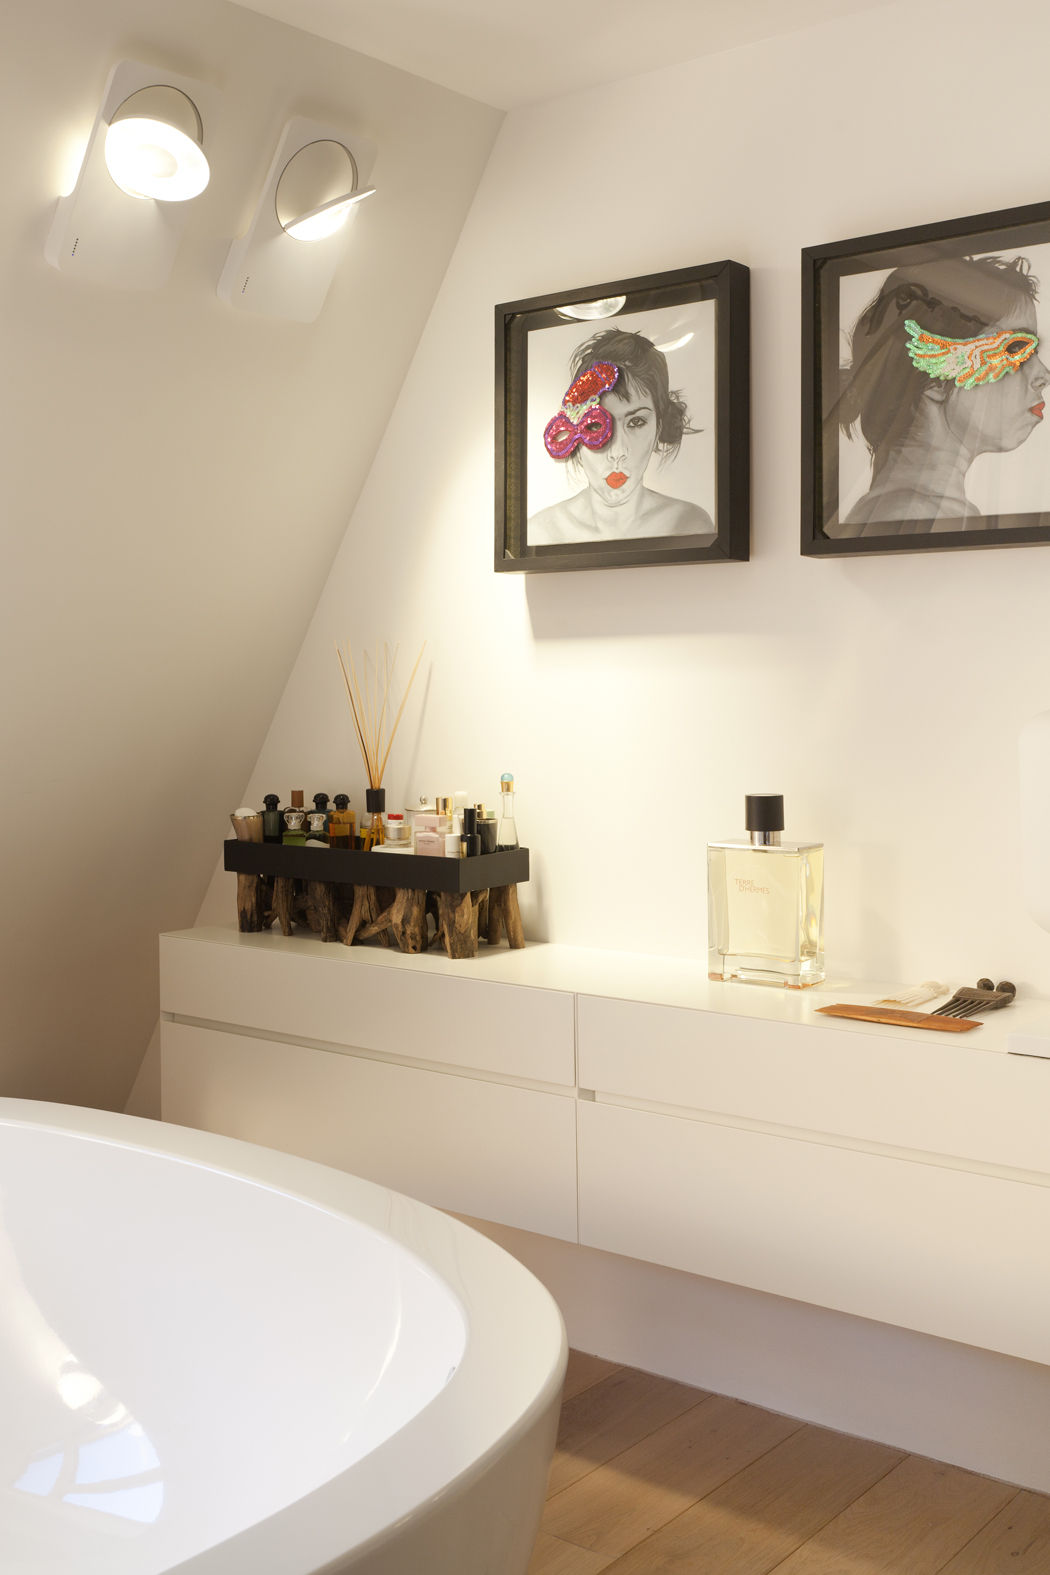 das badezimmer besticht durch holz und modernes interieur. Black Bedroom Furniture Sets. Home Design Ideas